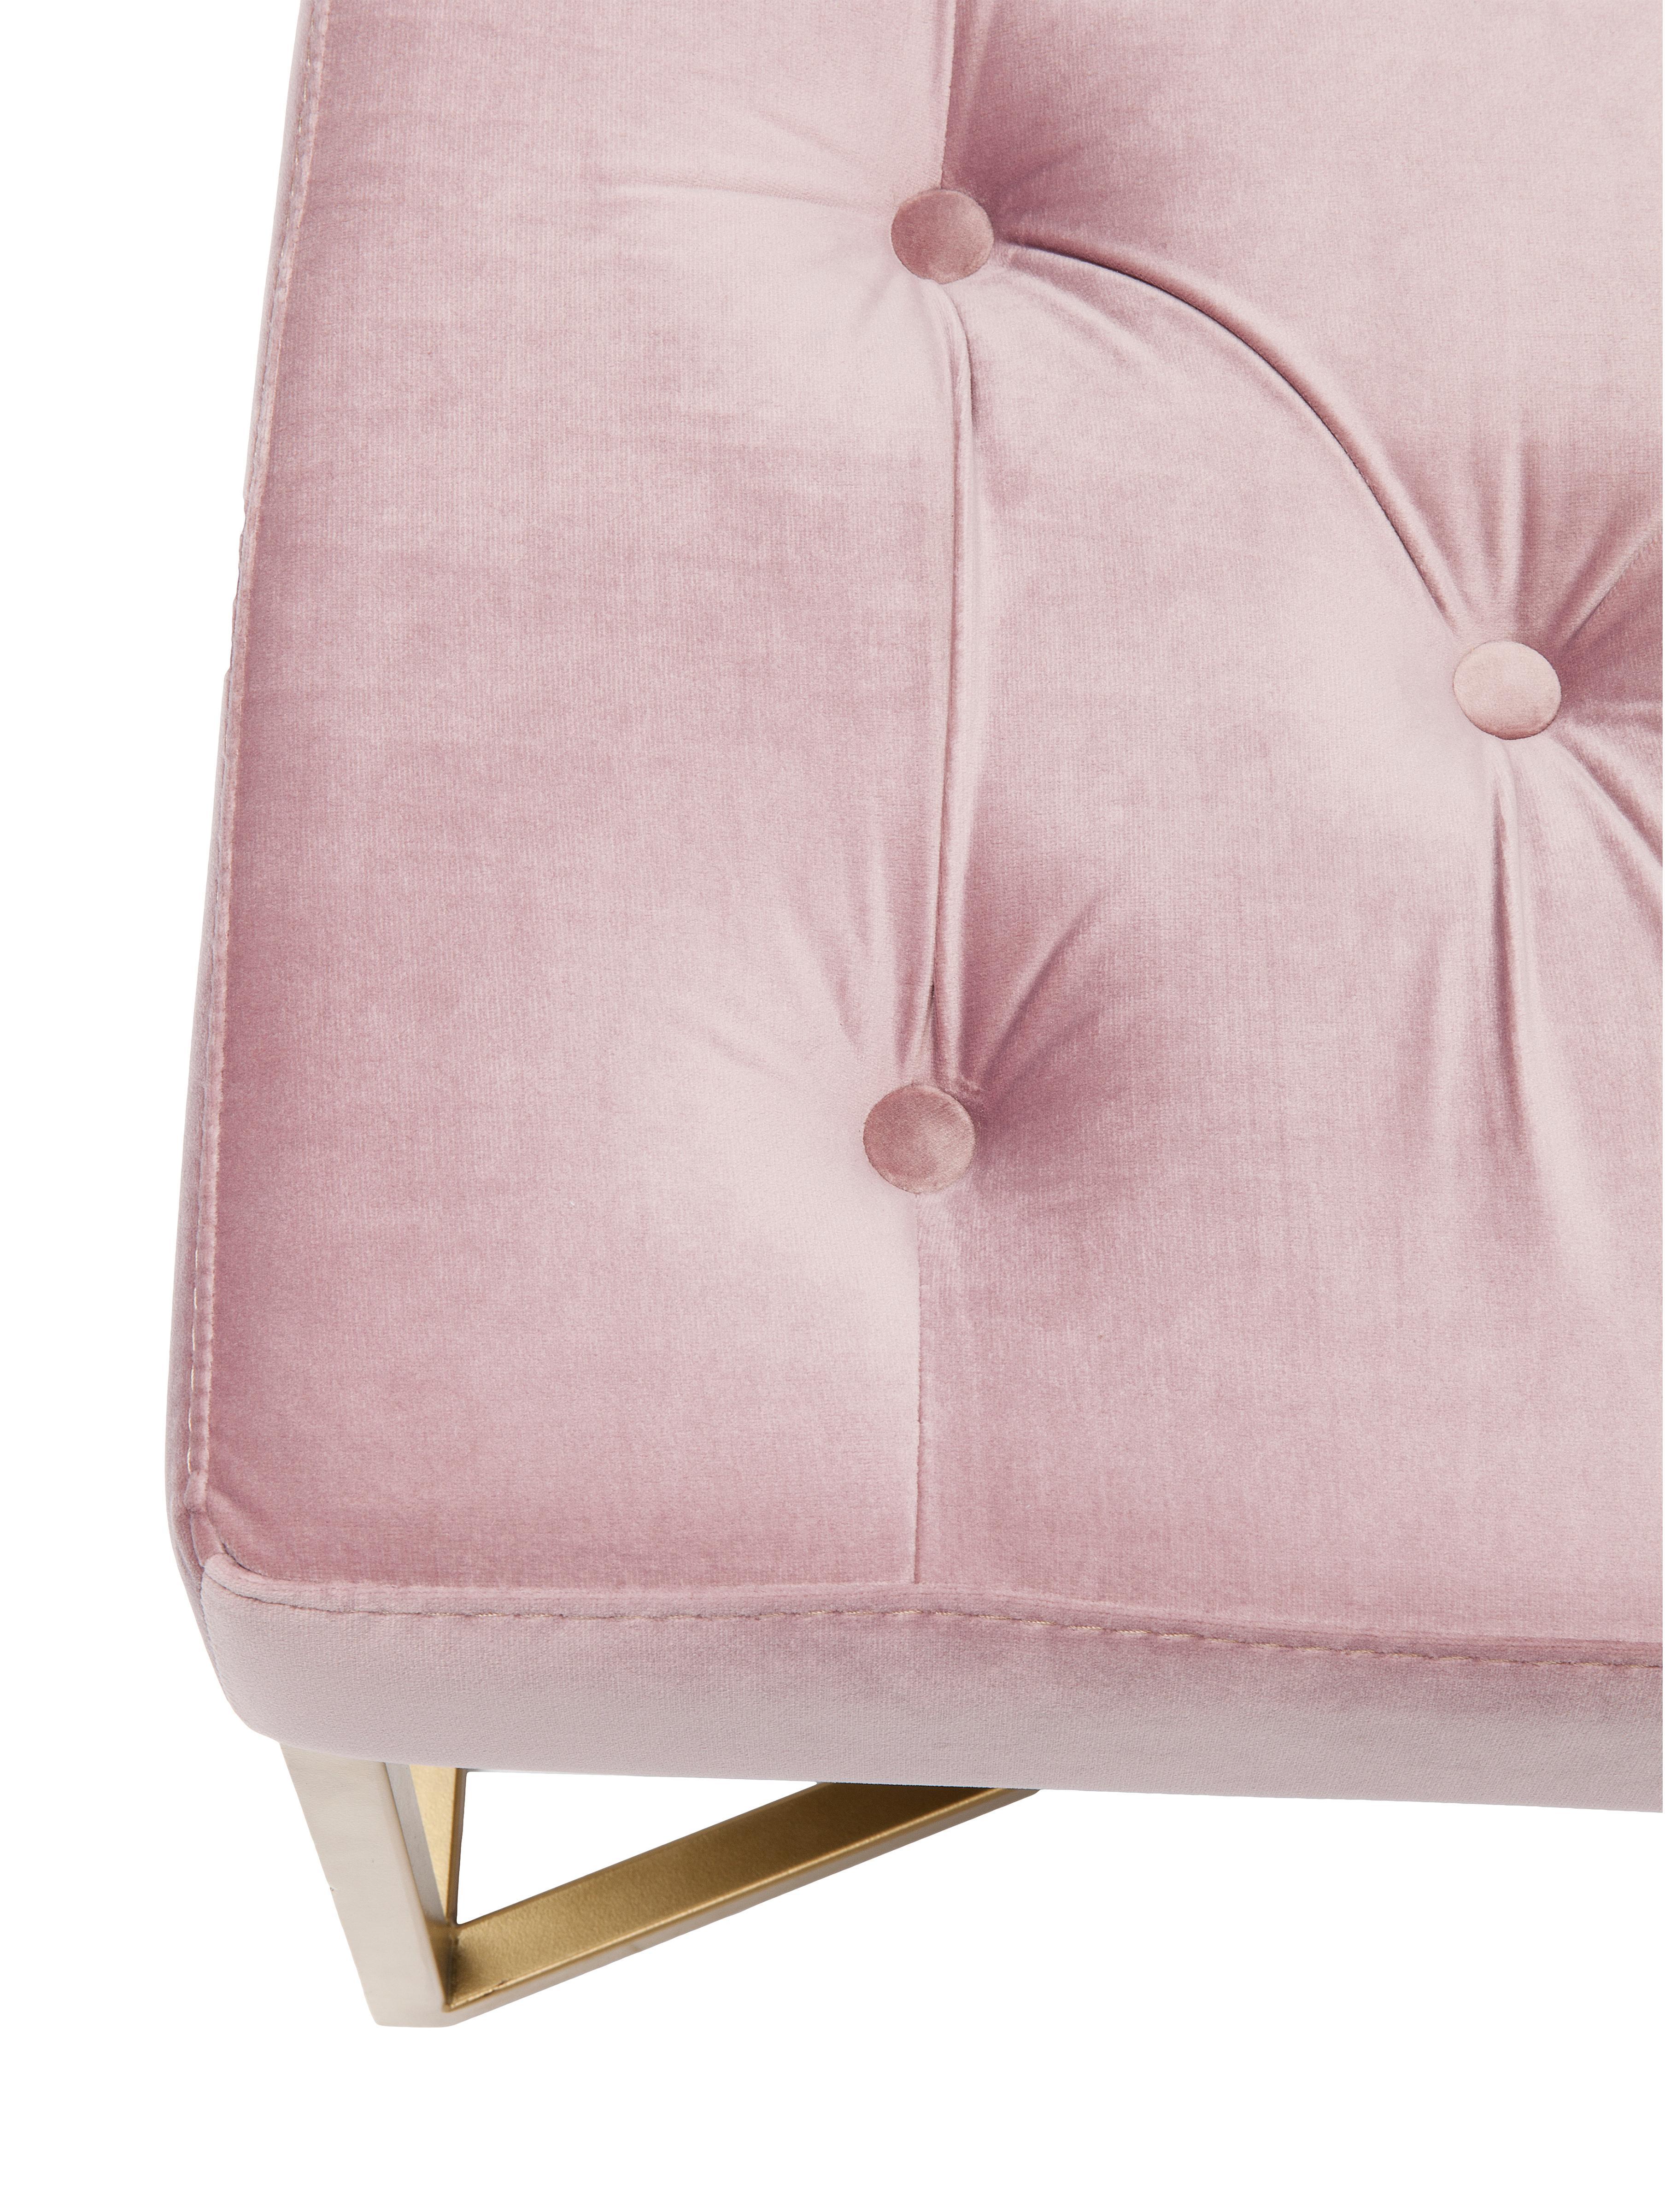 Fluwelen bank Crossover in roze, Frame: gelakt metaal, Bekleding: polyester fluweel, Roze, messingkleurig, B 90 cm